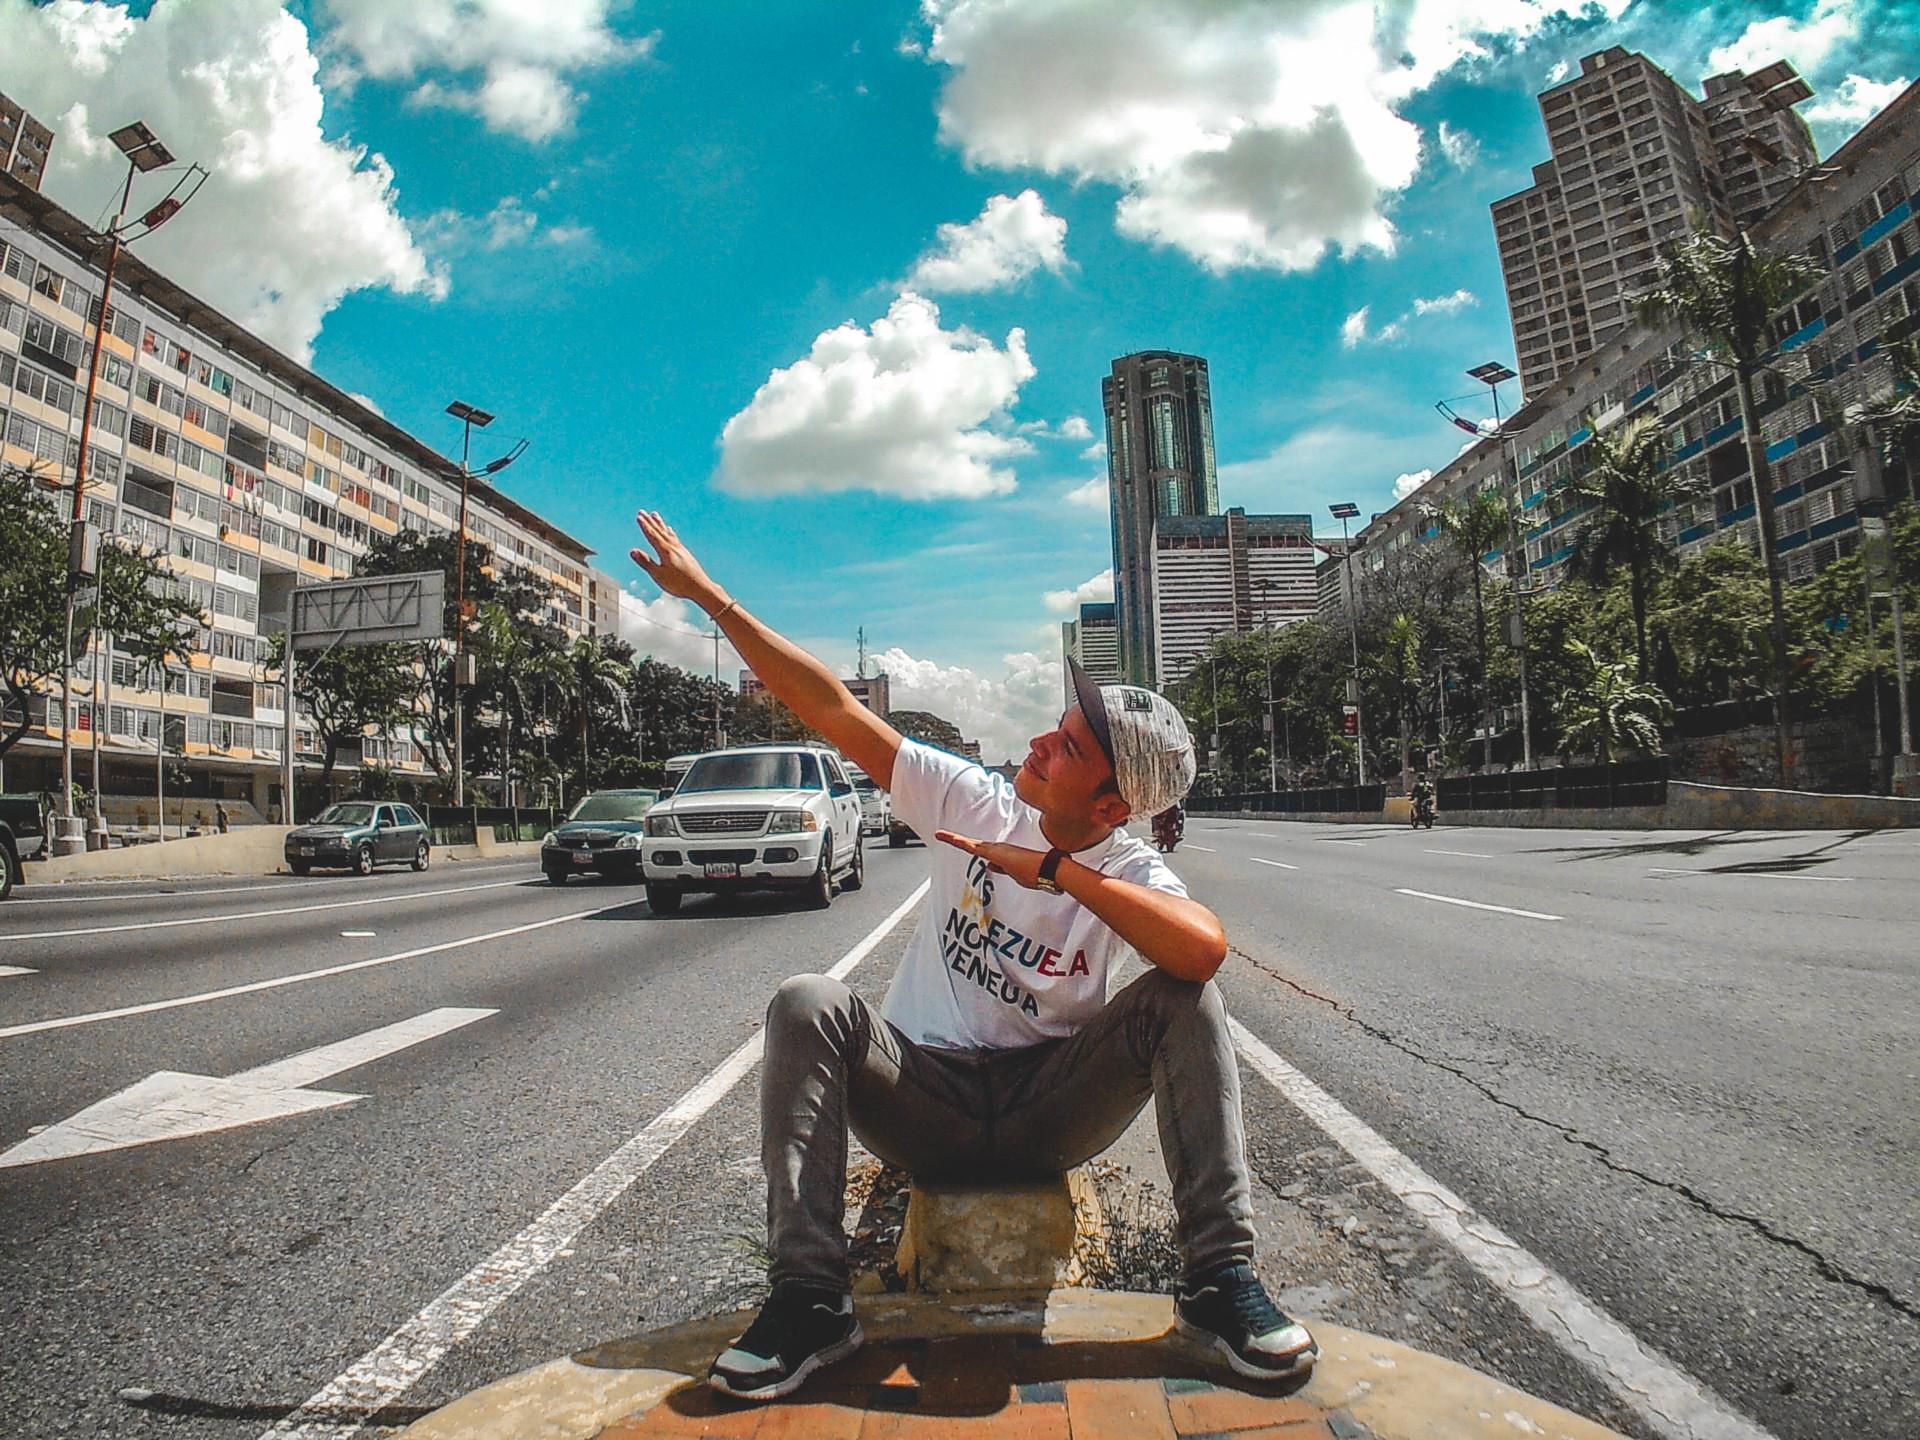 Fotos en lugares icónicos de Caracas Venezuela